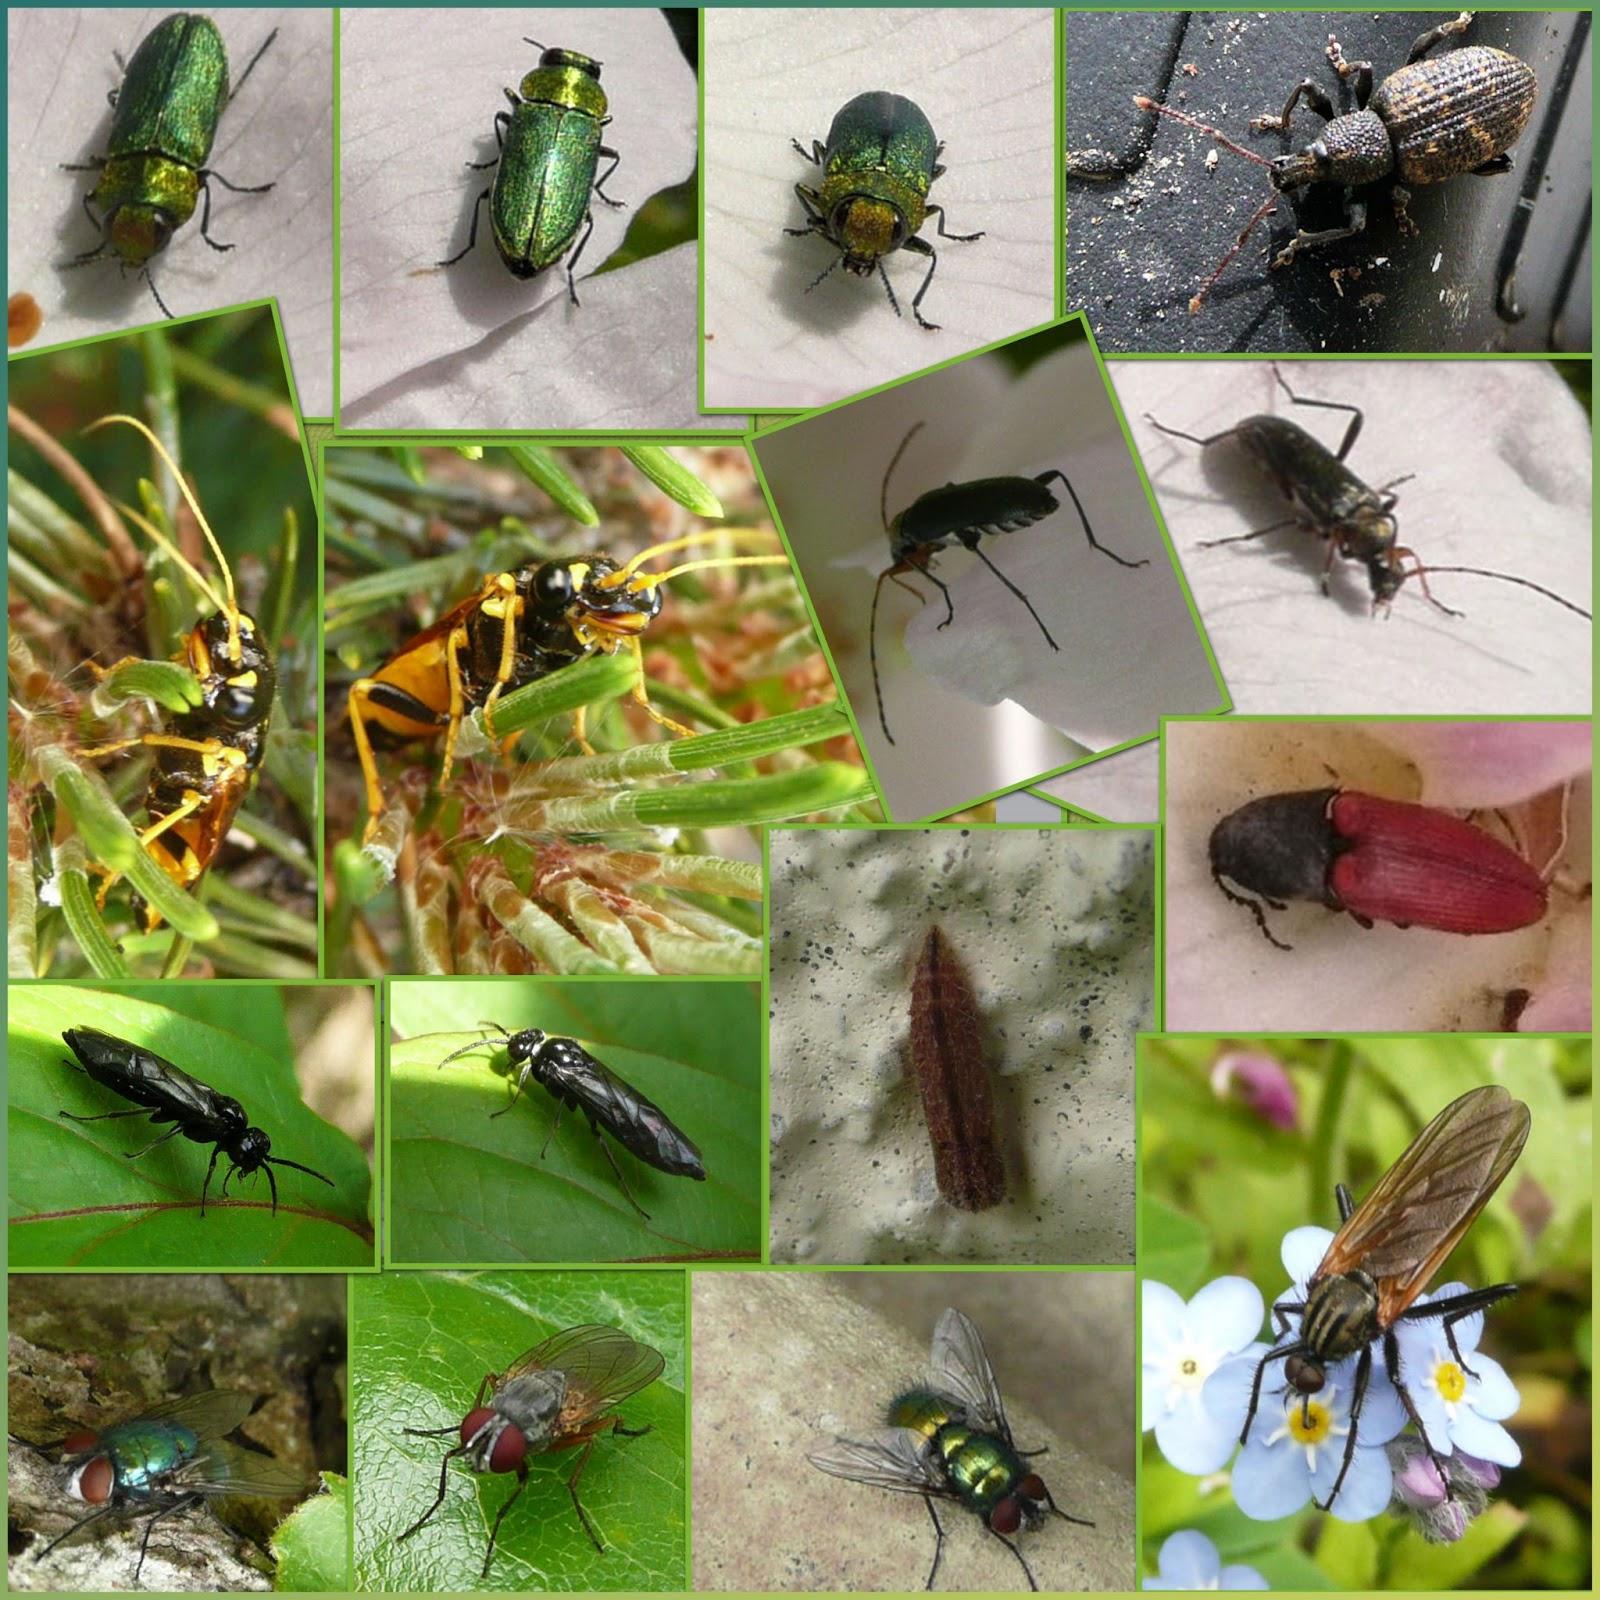 Coquelicots coquillages et belles pages qui sont - Insecte vert volant ...